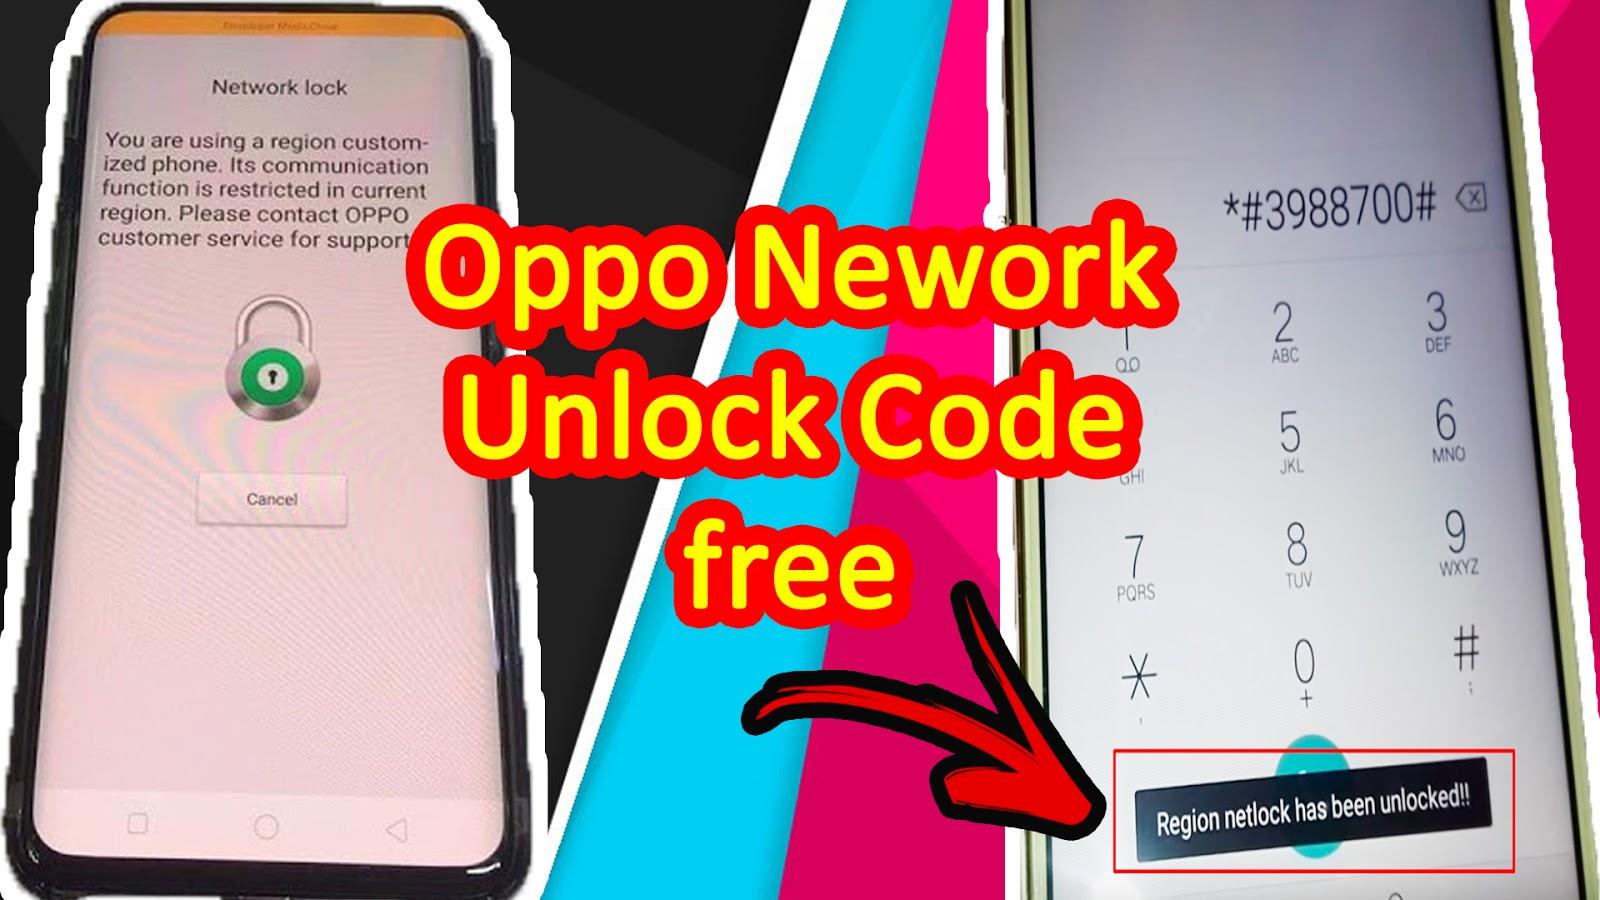 Oppo Network Unlock Code Free  A3s,R9s,R11s, Network Unlock